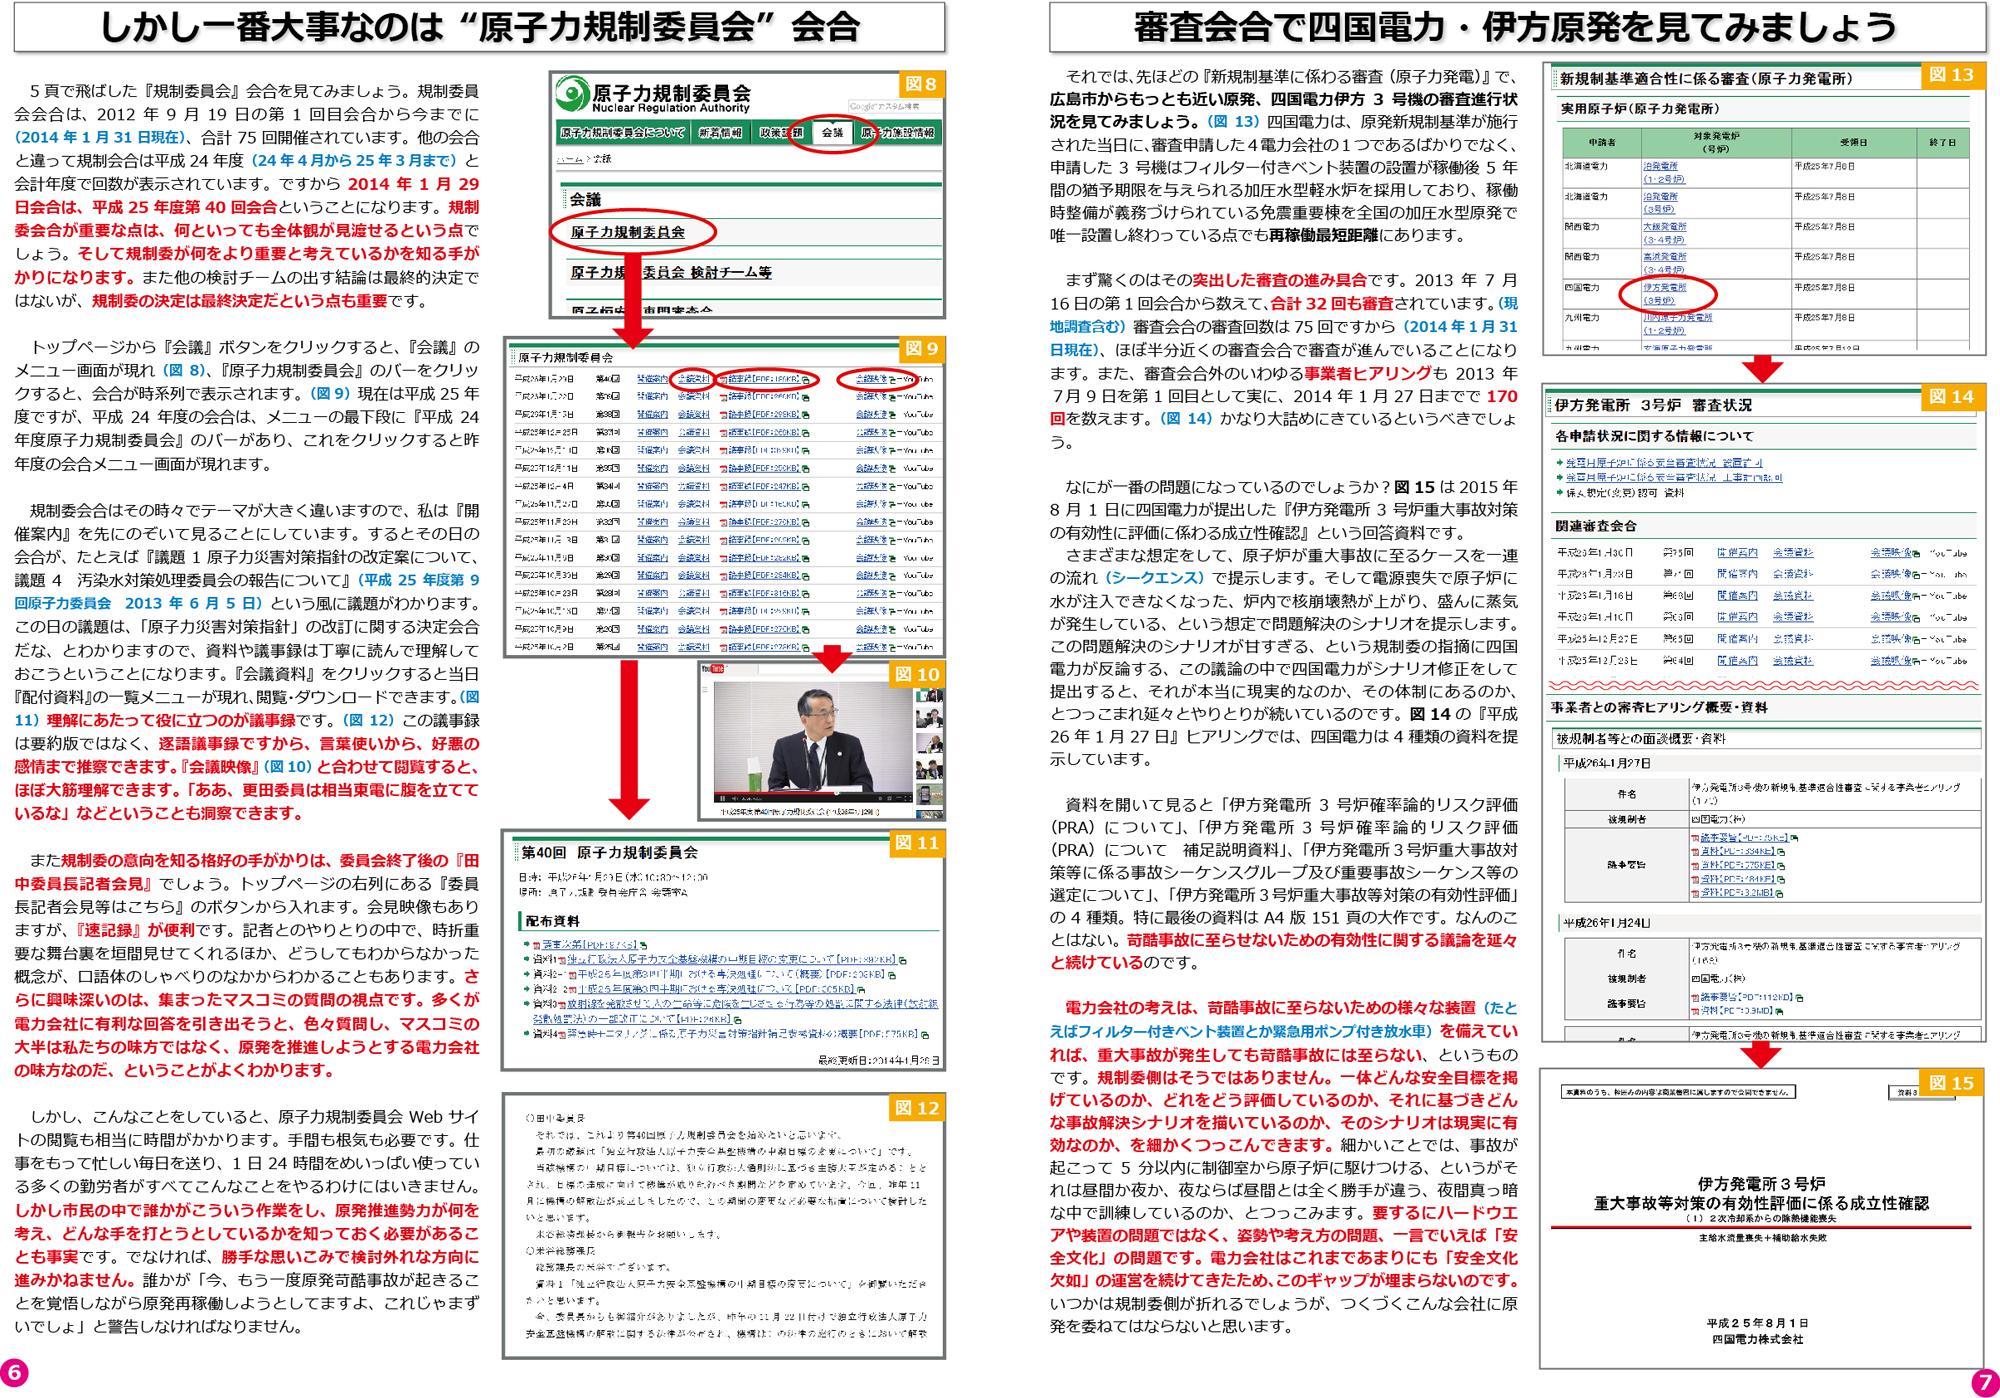 ファイル 257-4.jpg